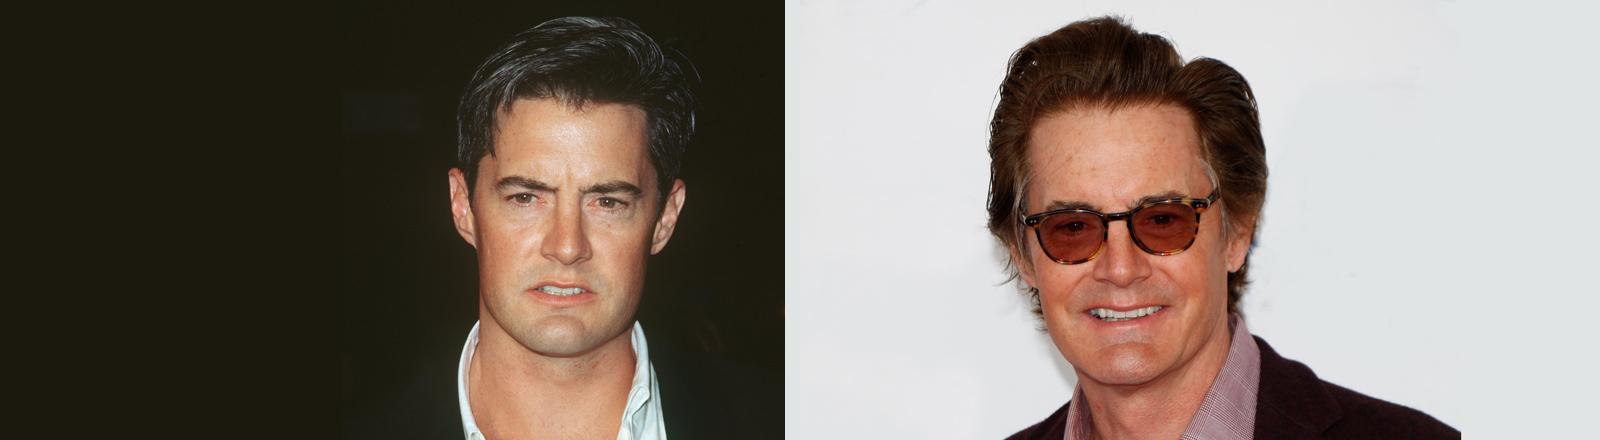 Kyle MacLachlan spielte vor 25 Jahren die Rolle des Special Agent Dale Cooper in der Serie Twin Peaks. Auch in der Fortsetzung 2016 soll die Rolle übernehmen.